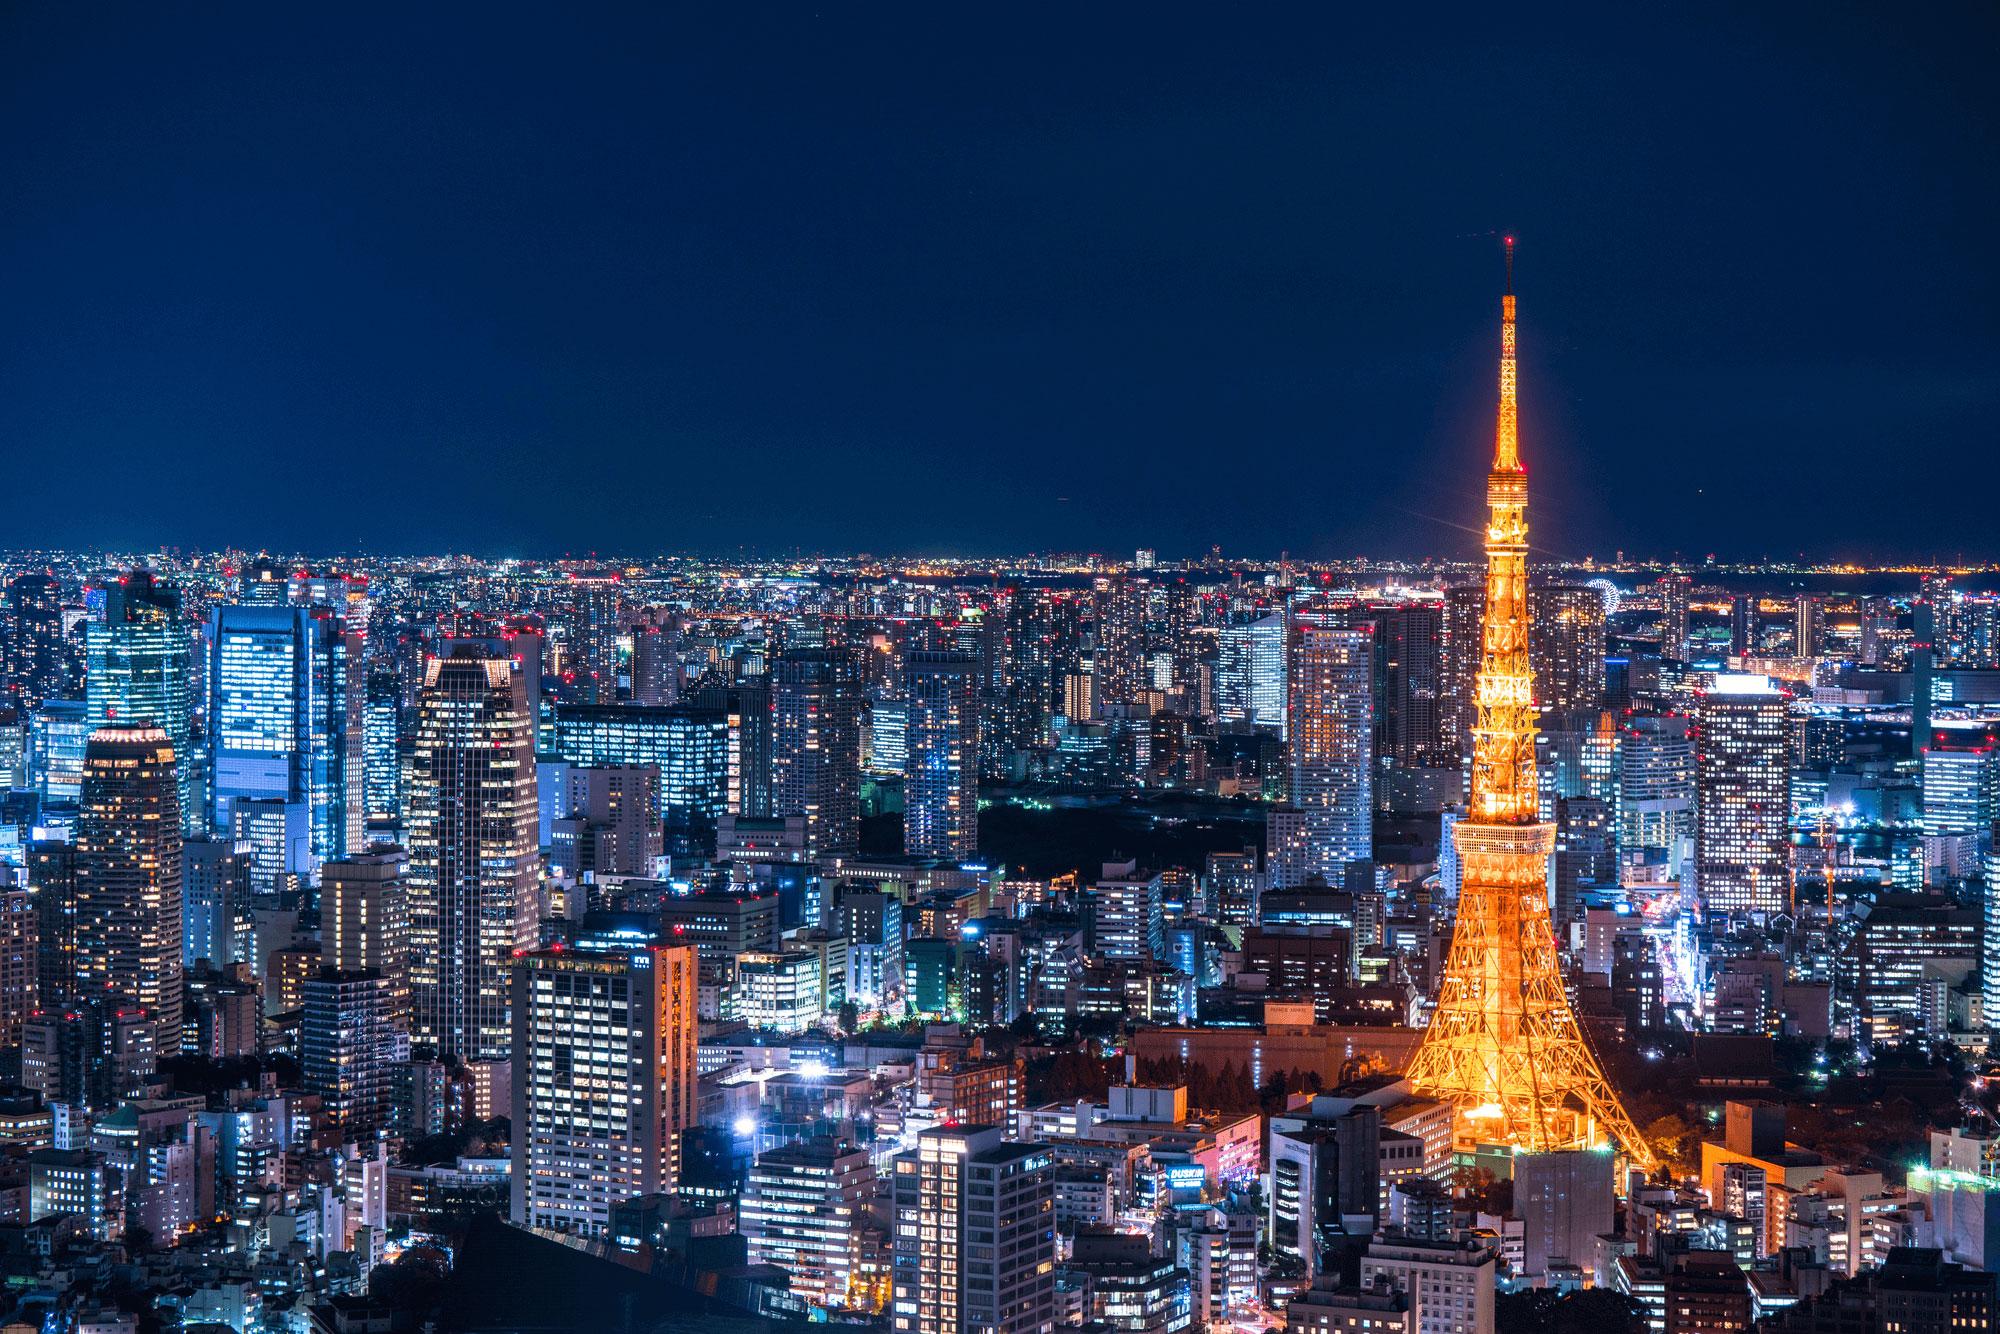 Ảnh tháp Tokyo và toàn cảnh thành phố về đêm